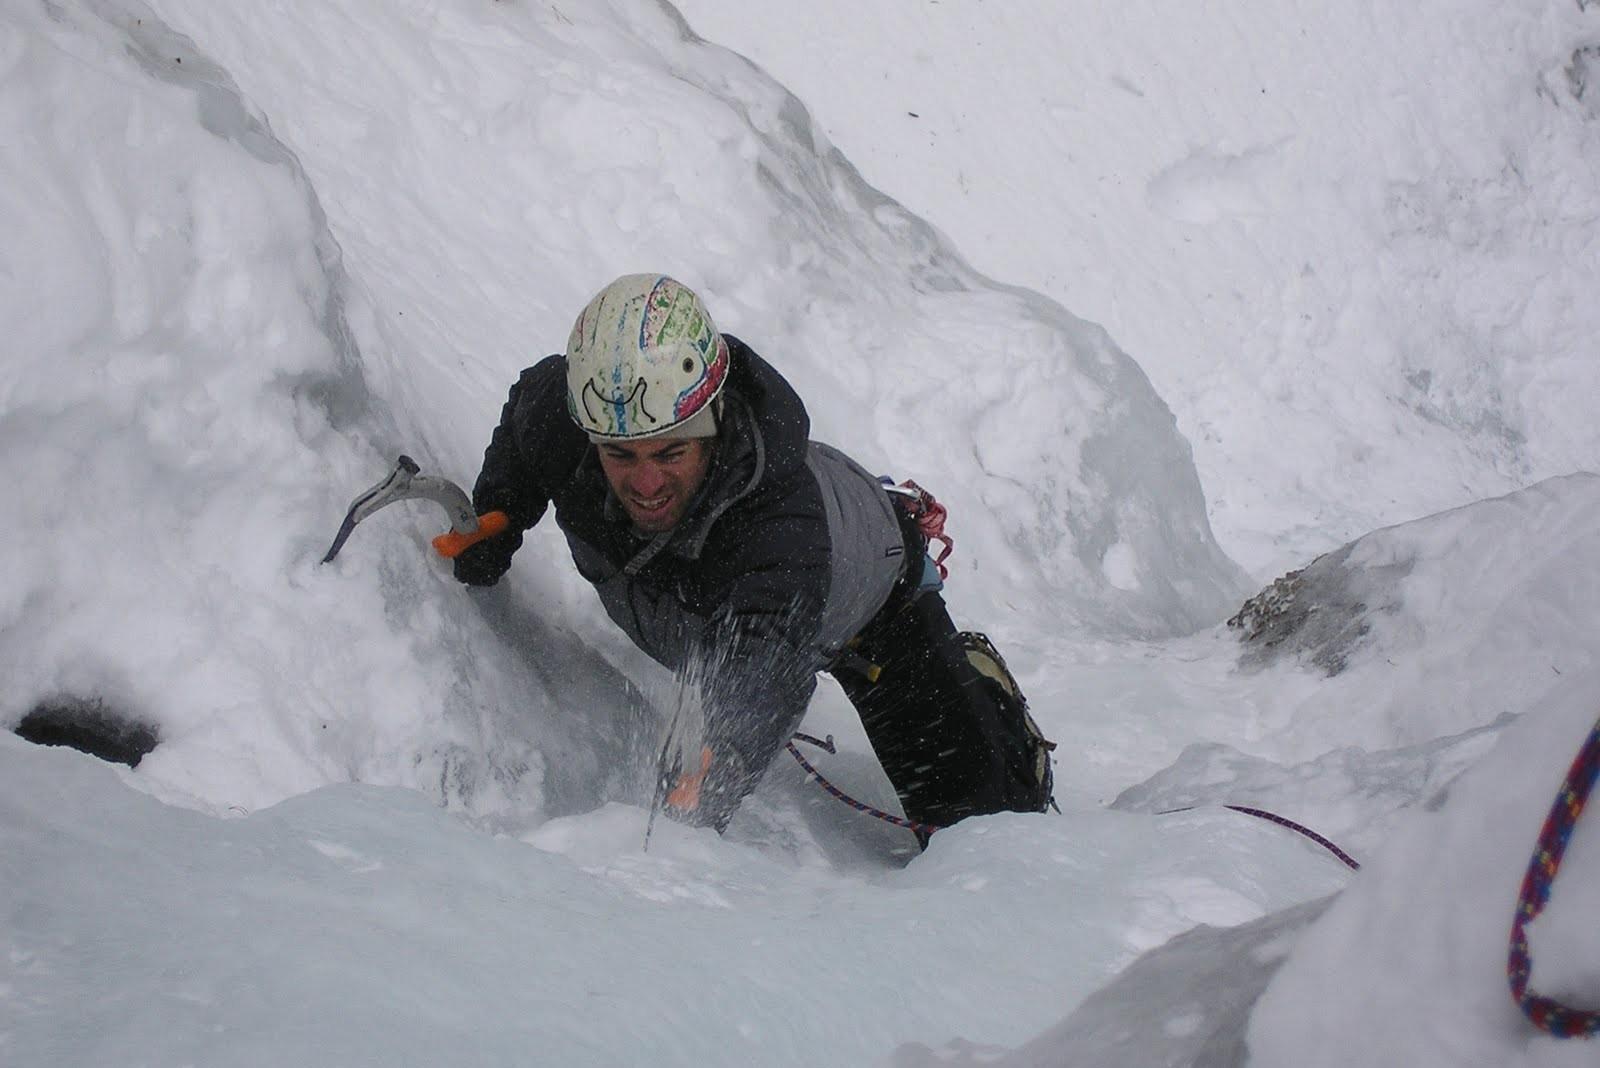 Cascade de glace initiation journée dans la vallée du val d'escreins au dessus de Guillestre sur la route de Vars dans les Hautes Alpes